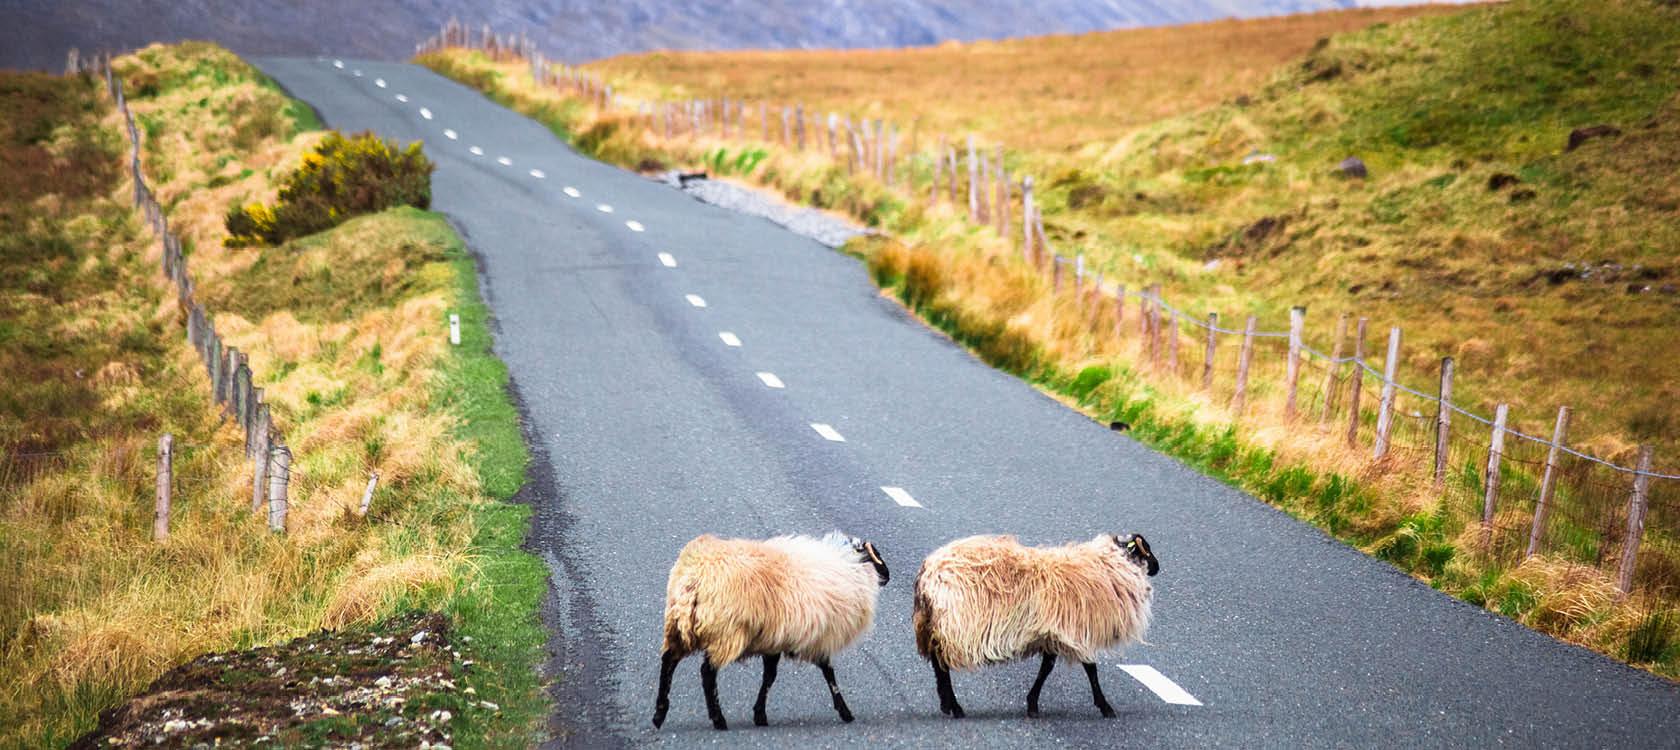 Får på landsväg på Irland.